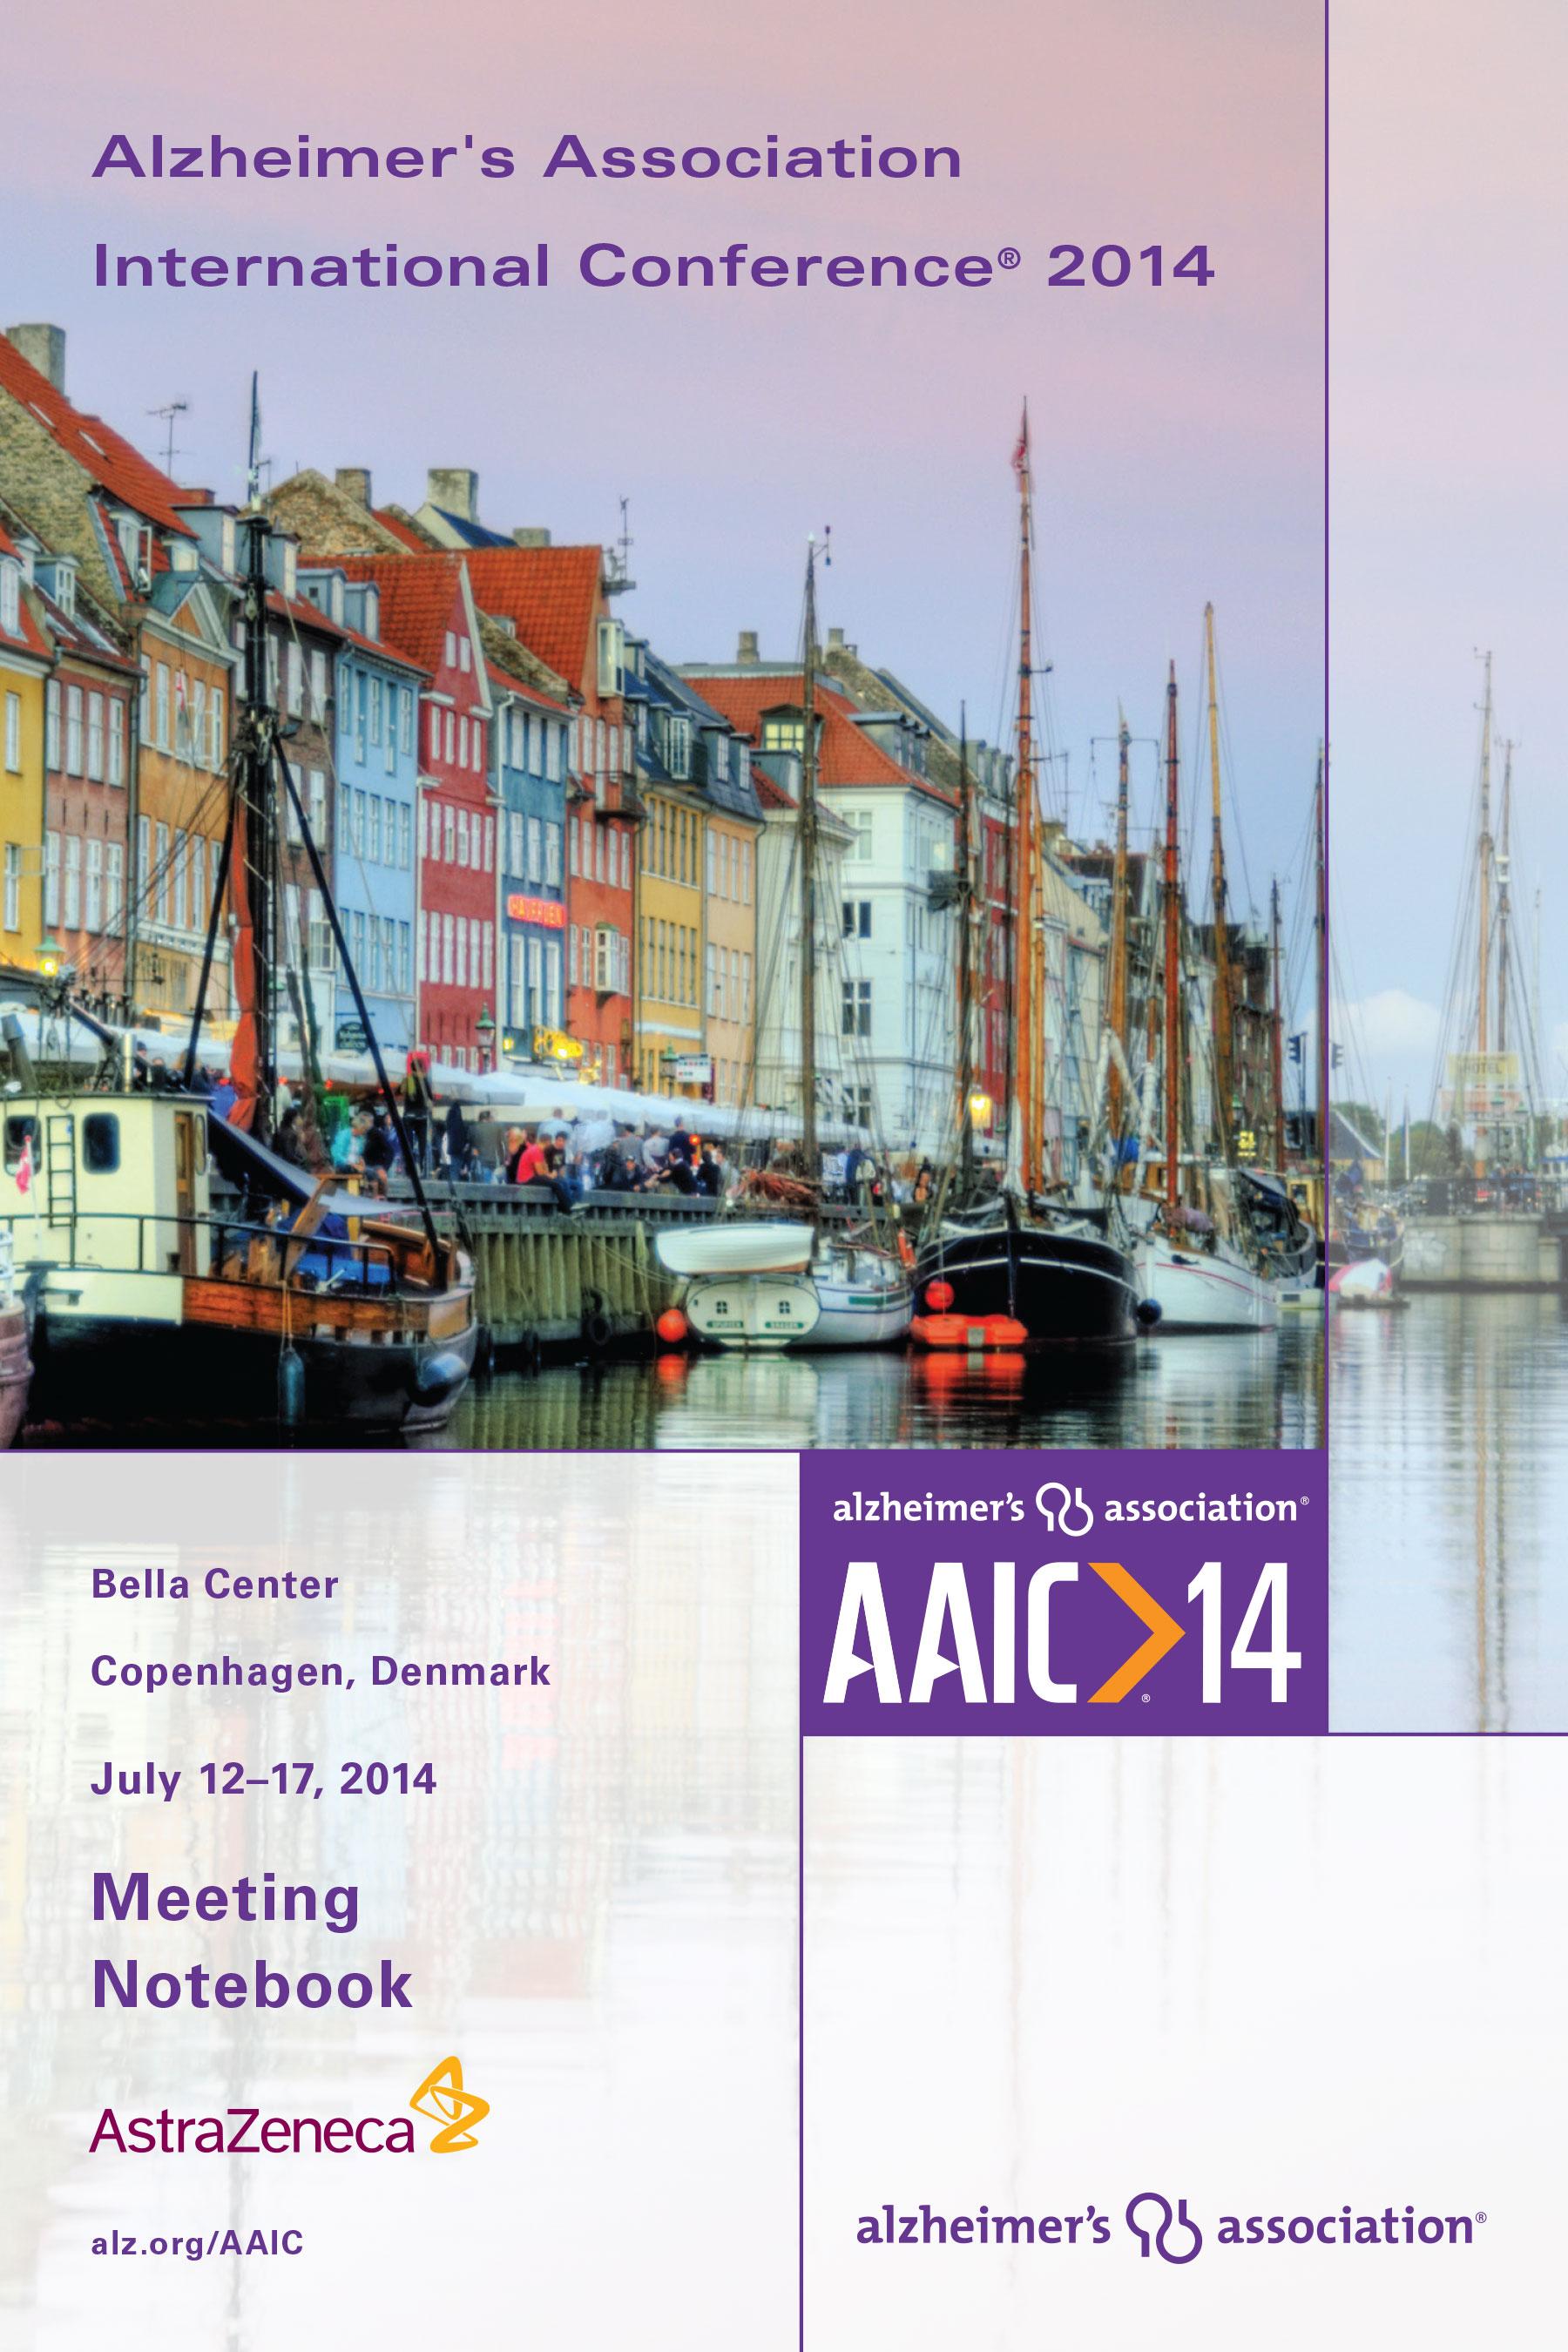 AAIC14 MEETING NOTEBOOK